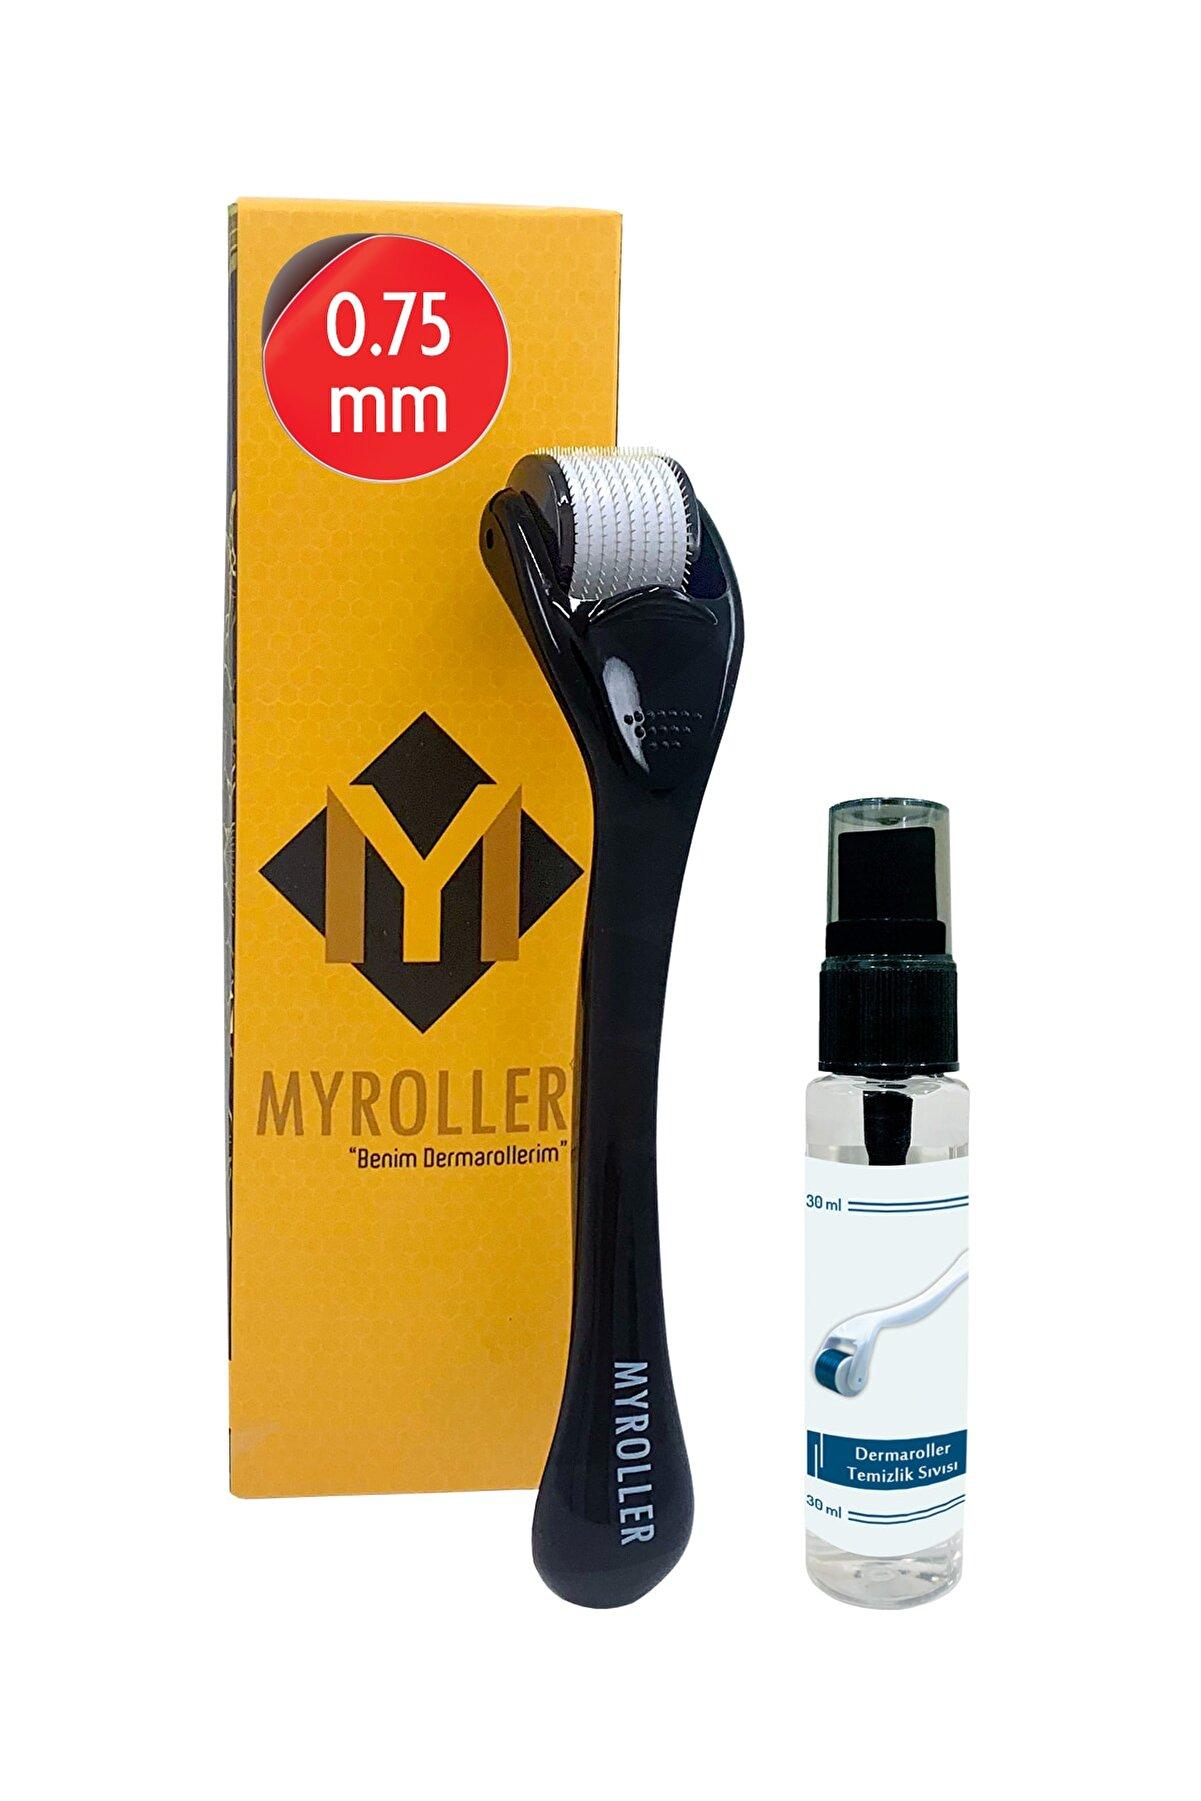 Myroller Dermaroller 0.75 mm + Dezenfektan Hediye Titanyum 540 Iğneli Saç Cilt Göz Yüz Vücut